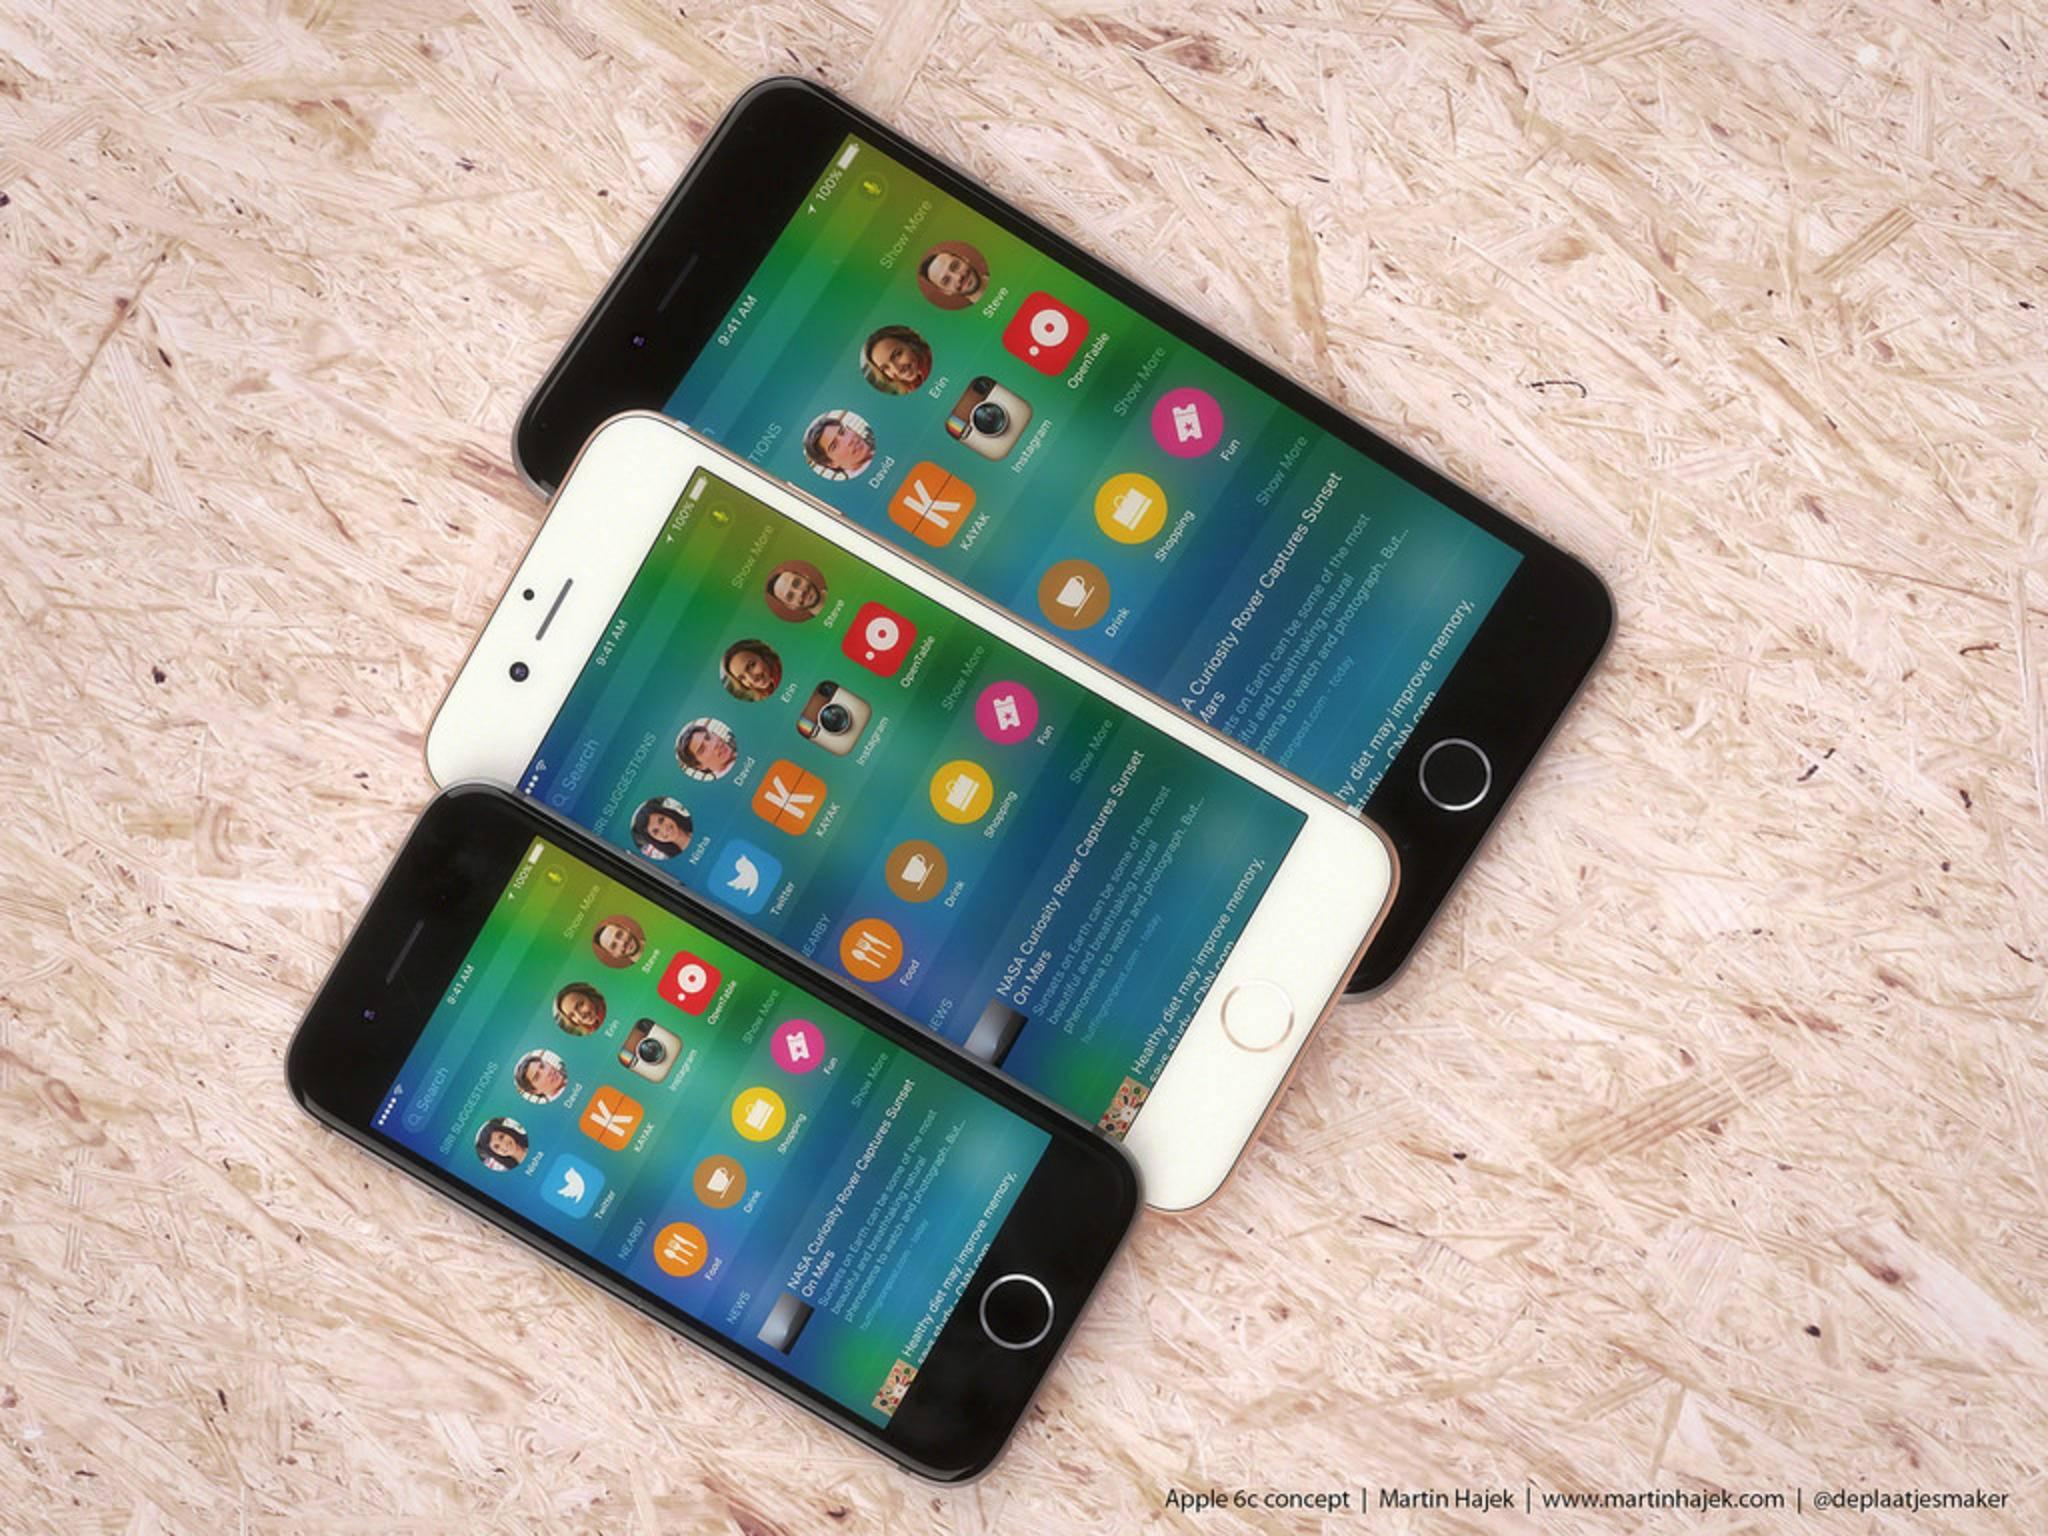 Zwischenzeitlich schienen die Pläne zum iPhone 6c begraben zu sein.